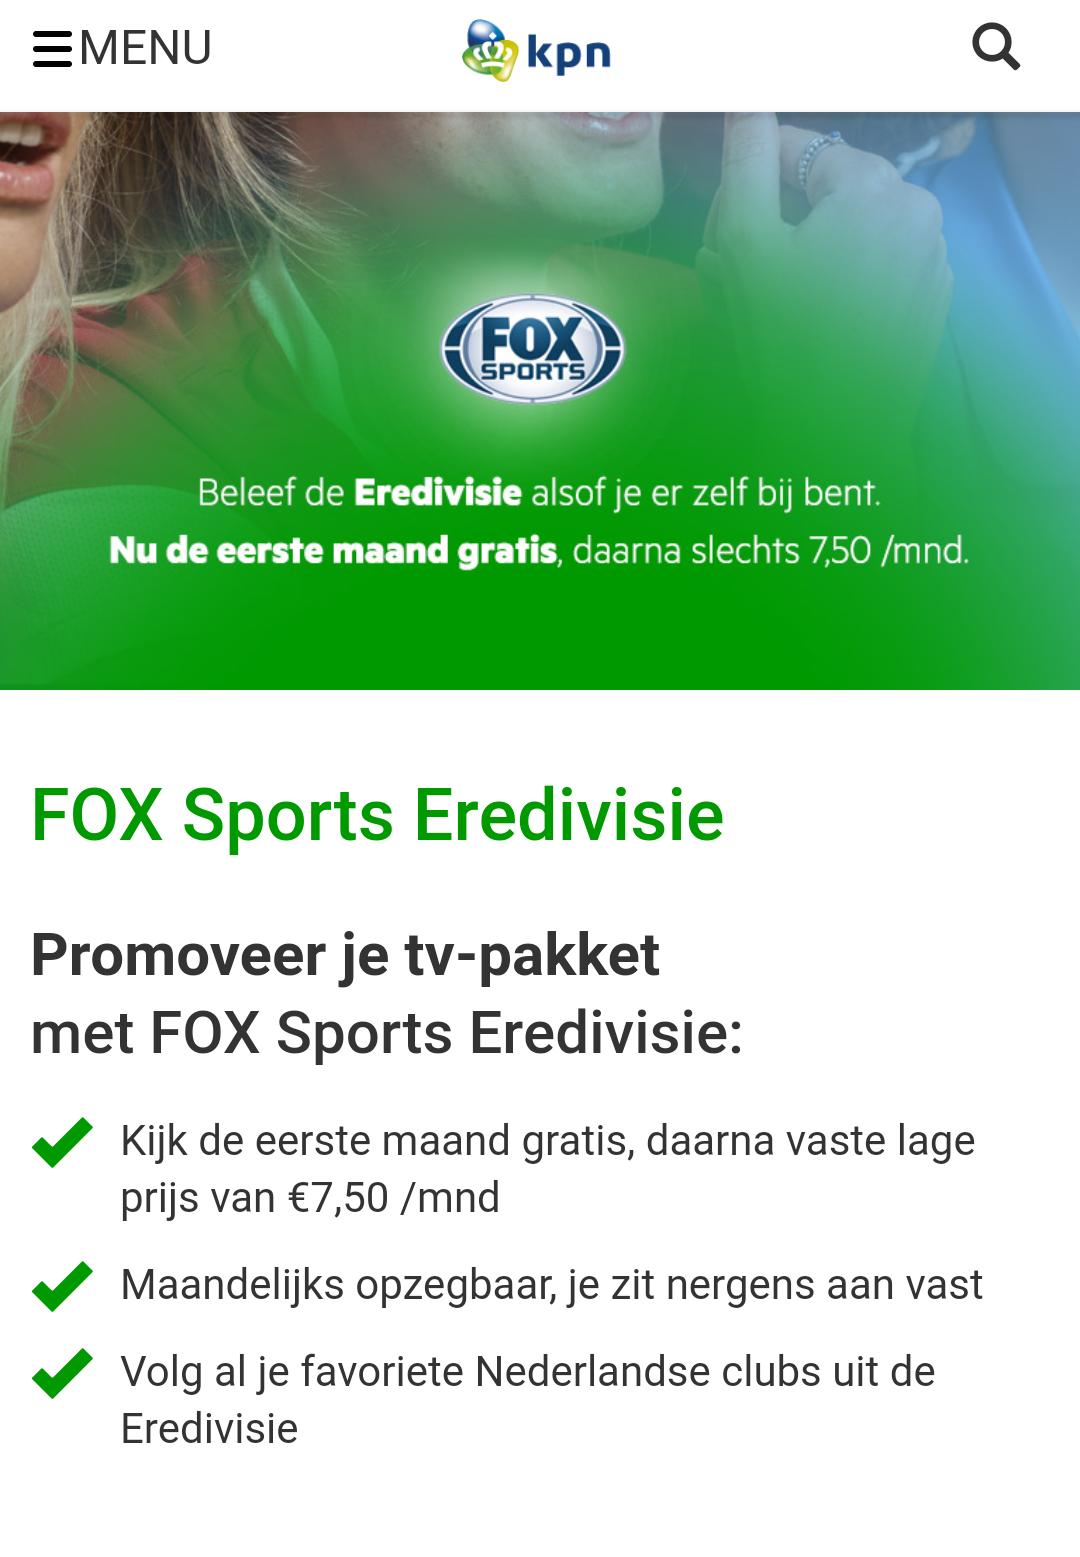 Voor KPN klanten, 1 maand GRATIS foxsports